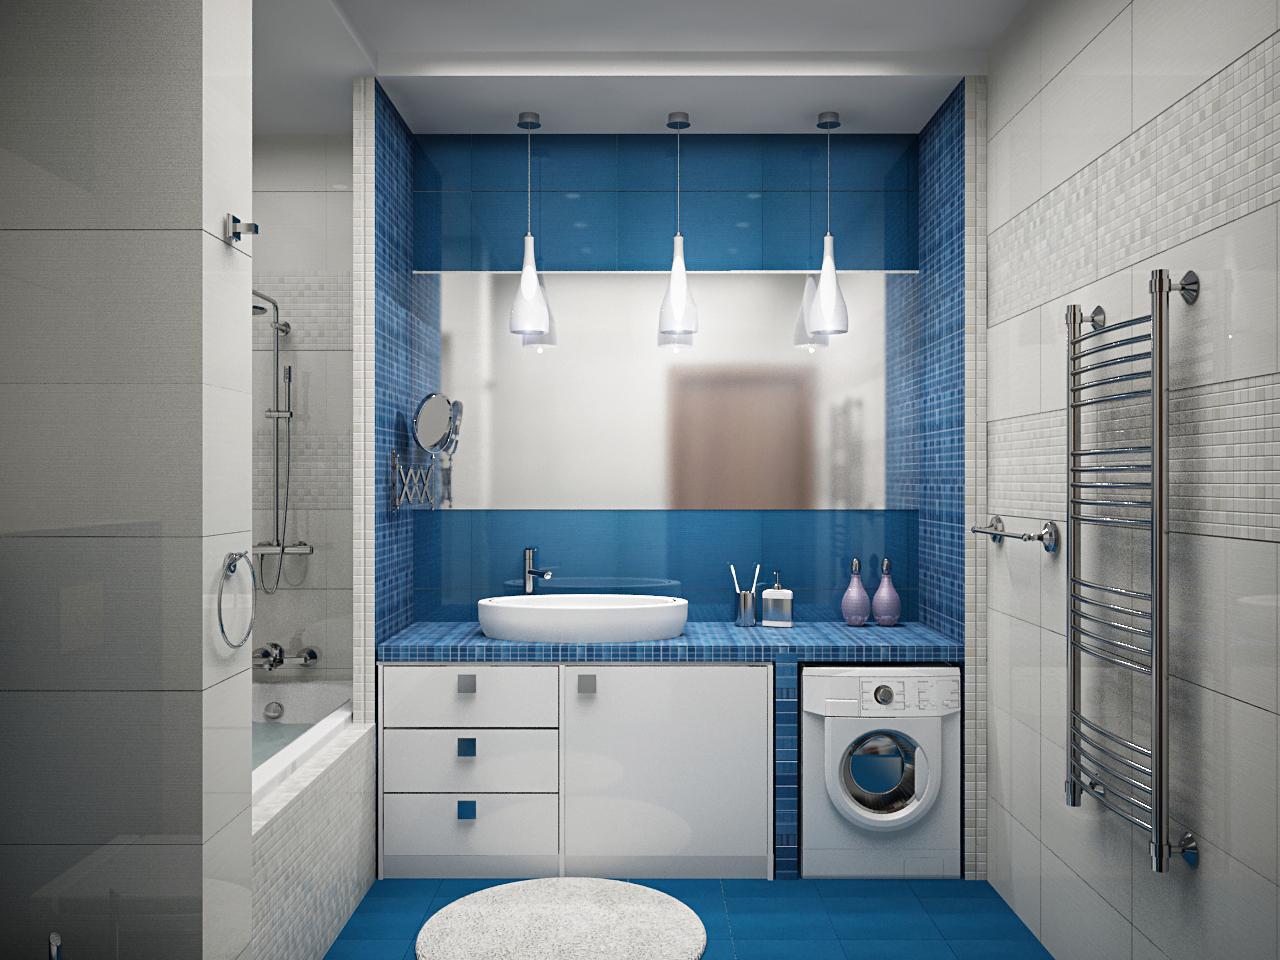 Планировка ванной комнаты фото4